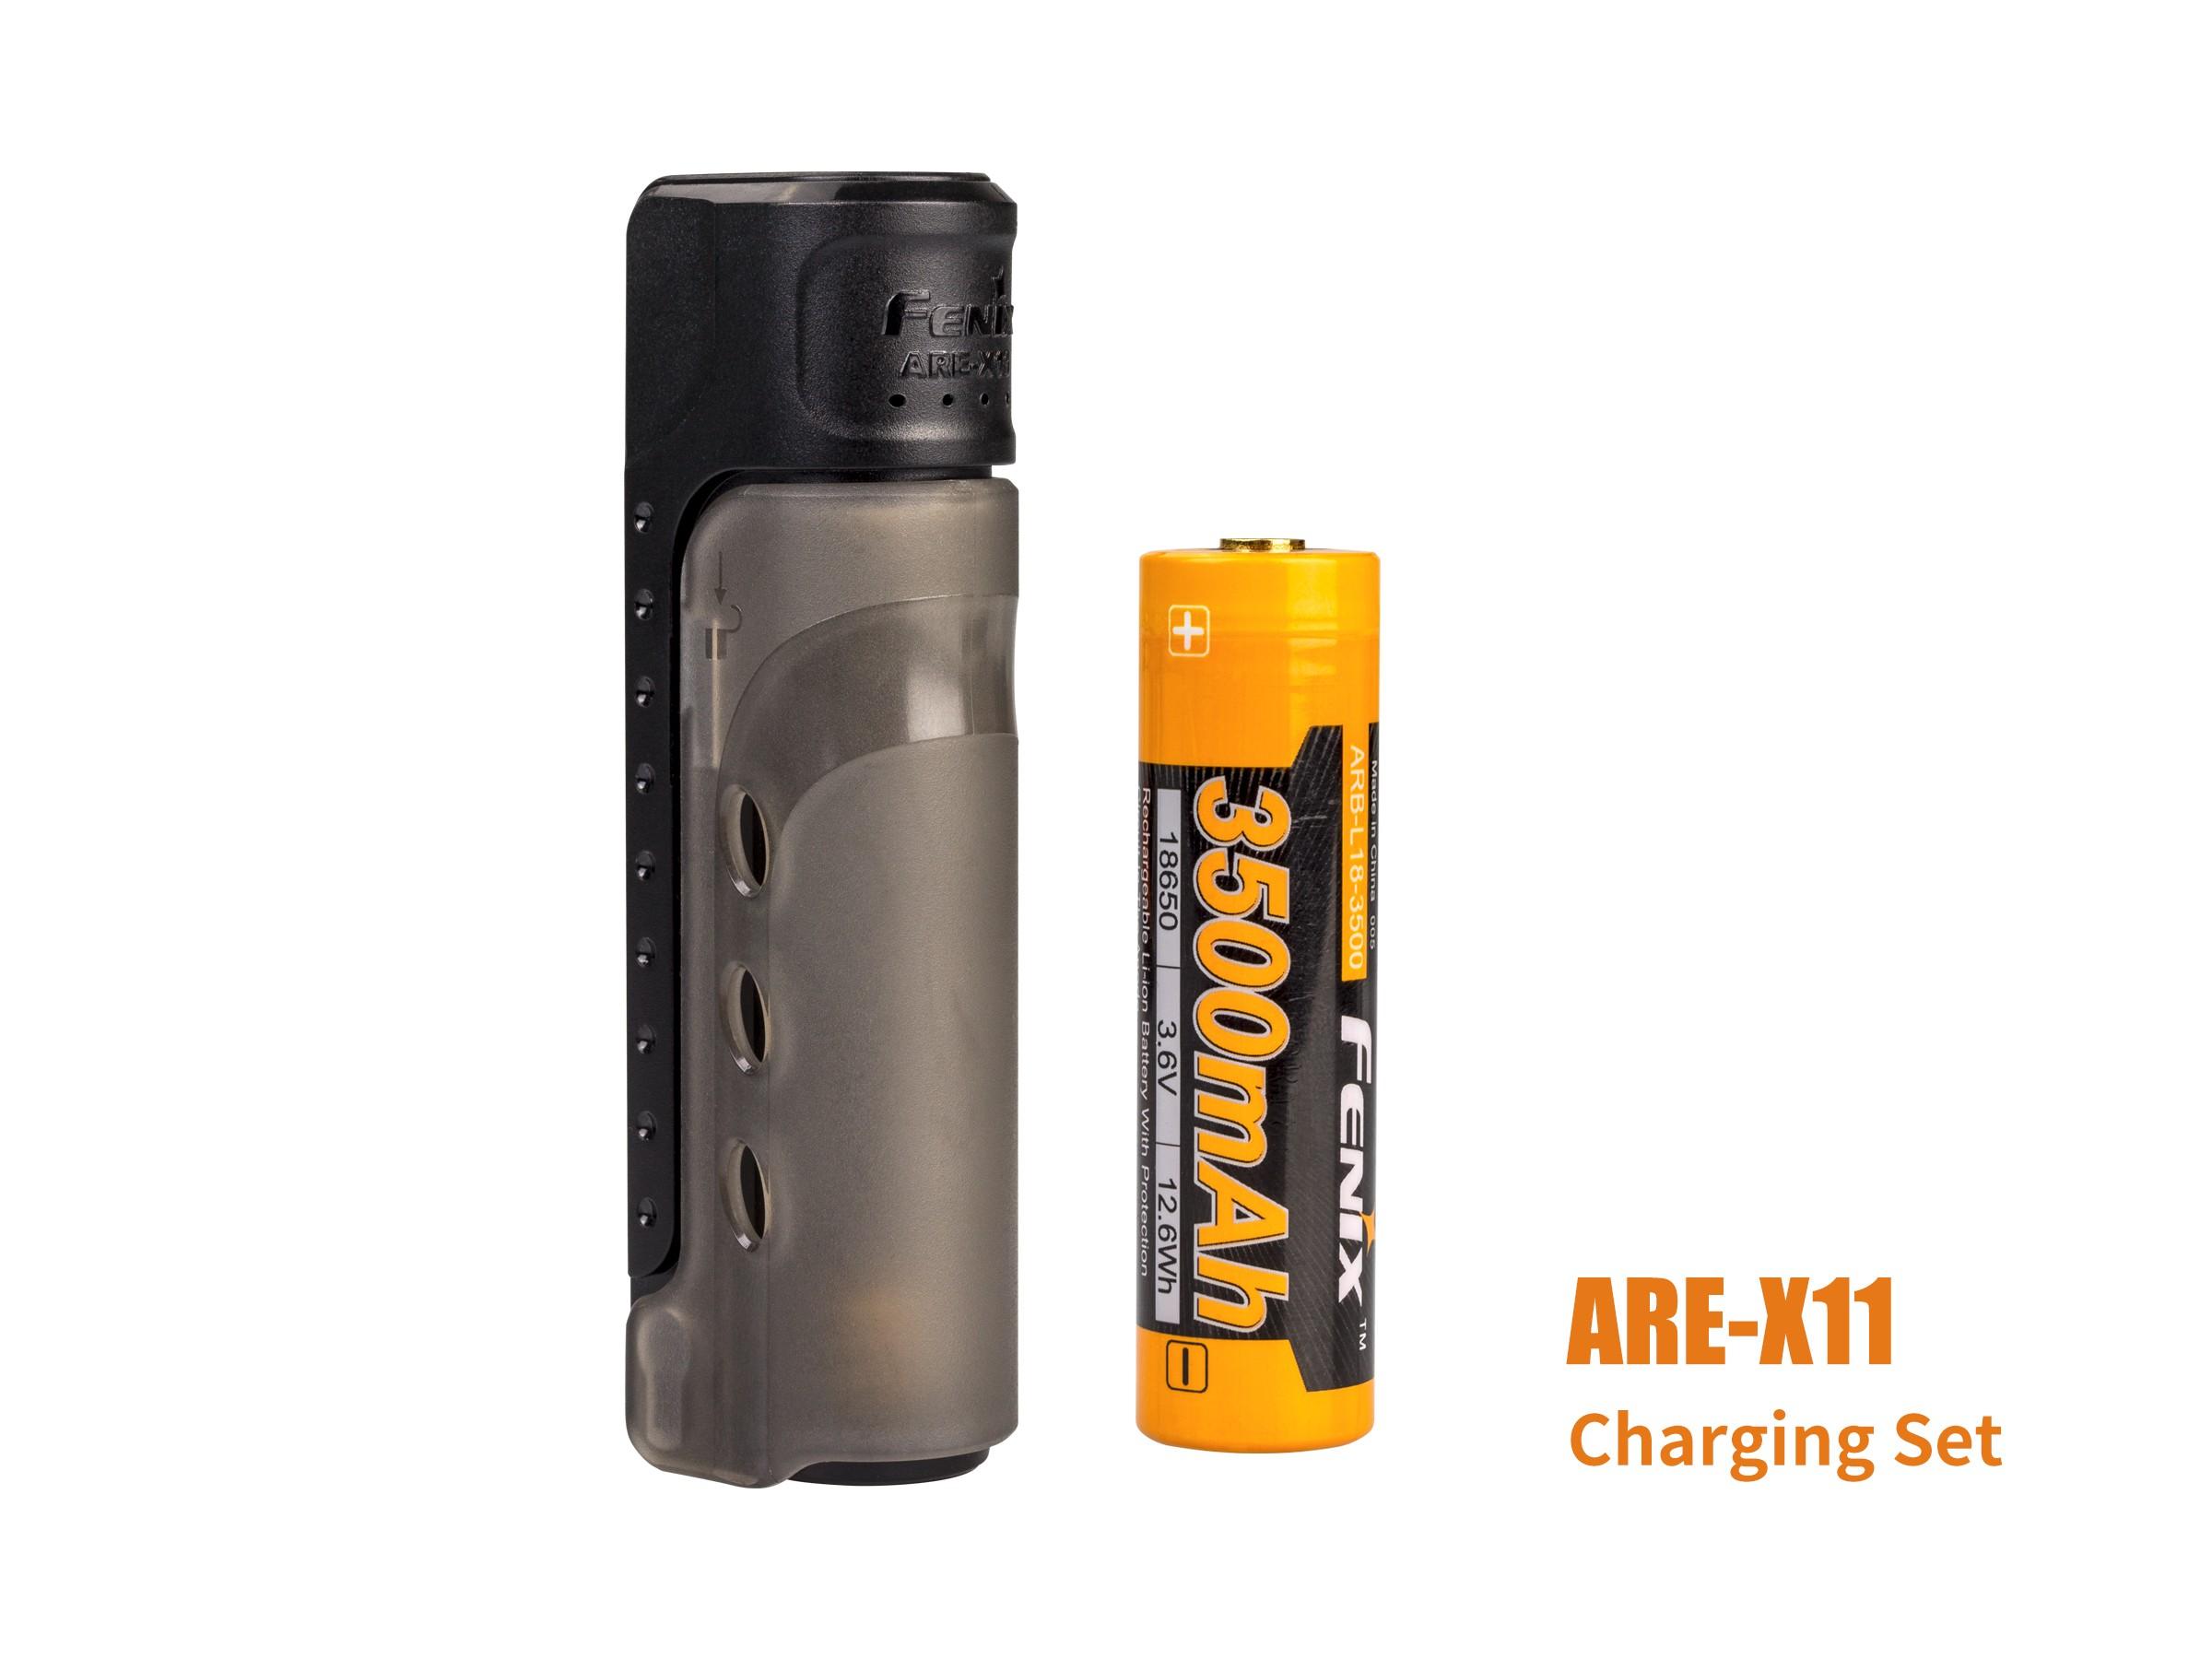 Chargeur ARE-X11 - câble USB inclus et pile 3500mAh